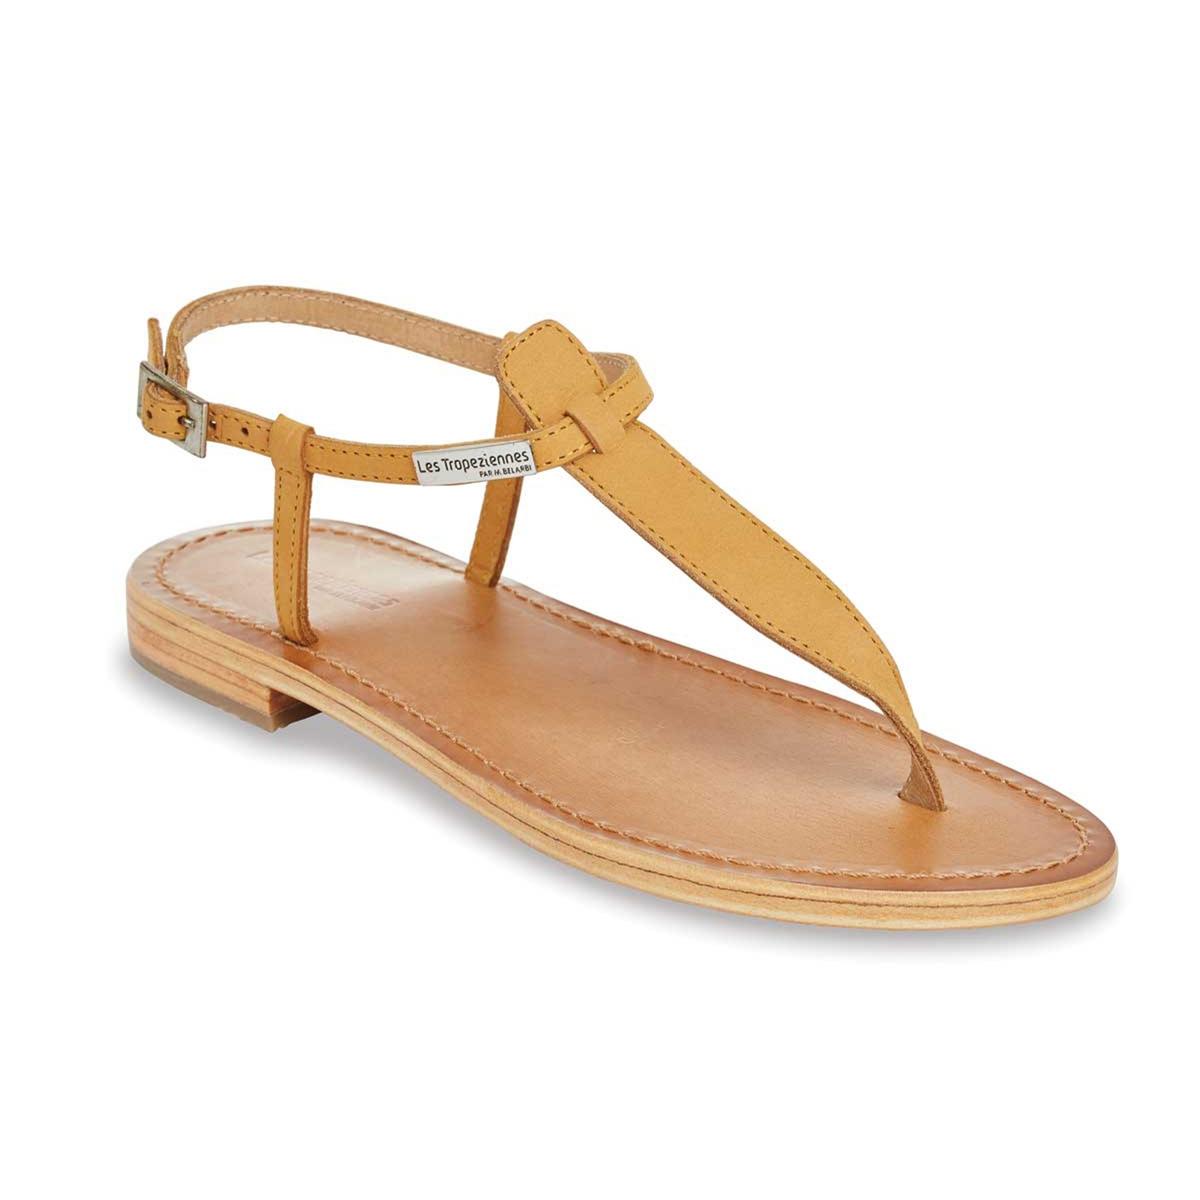 Сандалии из кожи Narbuck, на плоском каблуке и с перемычкой между пальцамиМинималистический и утонченный дизайн в изысканном исполнении... Эти сандалии будут дарить вам чувство свободы на протяжении всего лета !<br><br>Цвет: бежевый,красный<br>Размер: 37.41.35.39.41